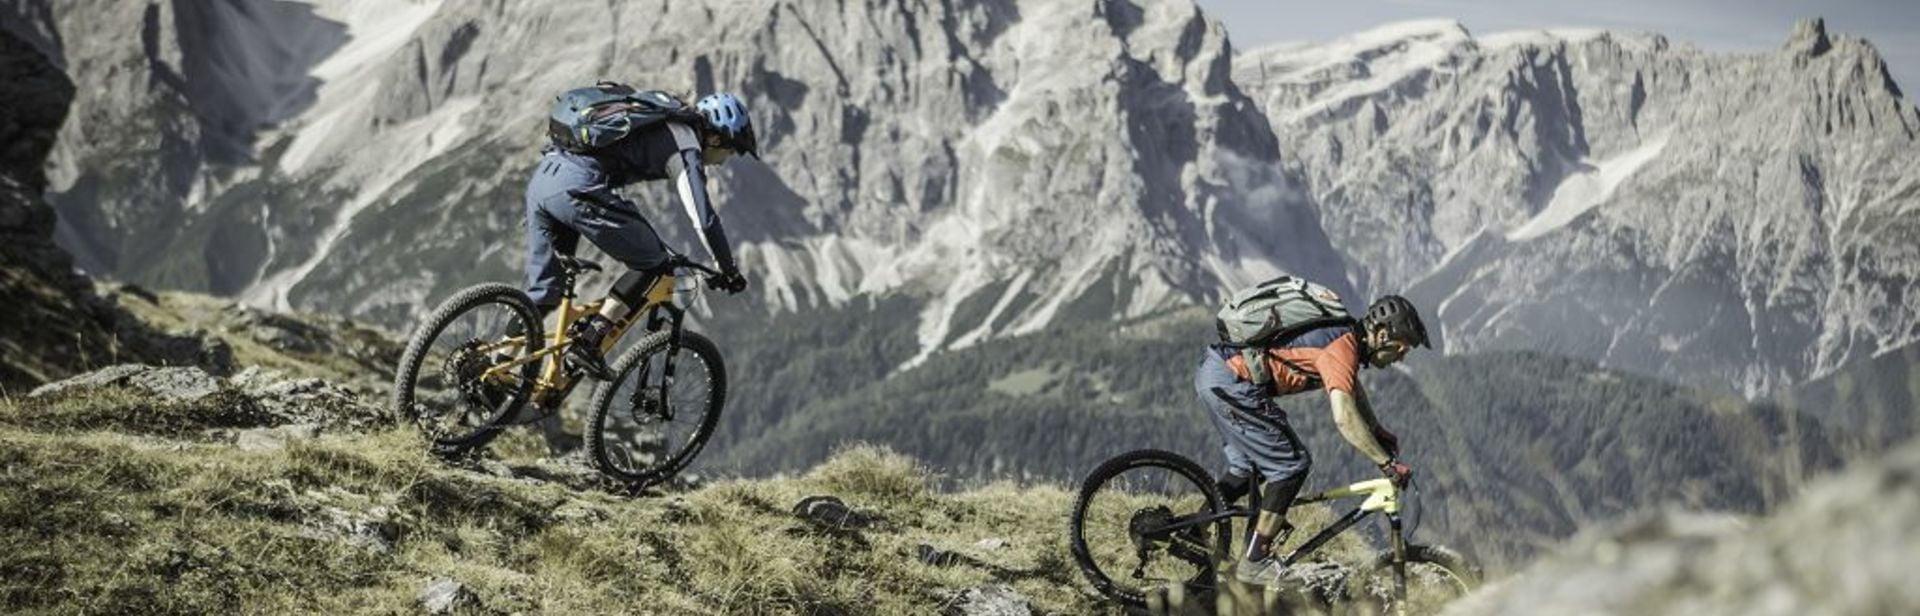 Rauf aufs Bike!